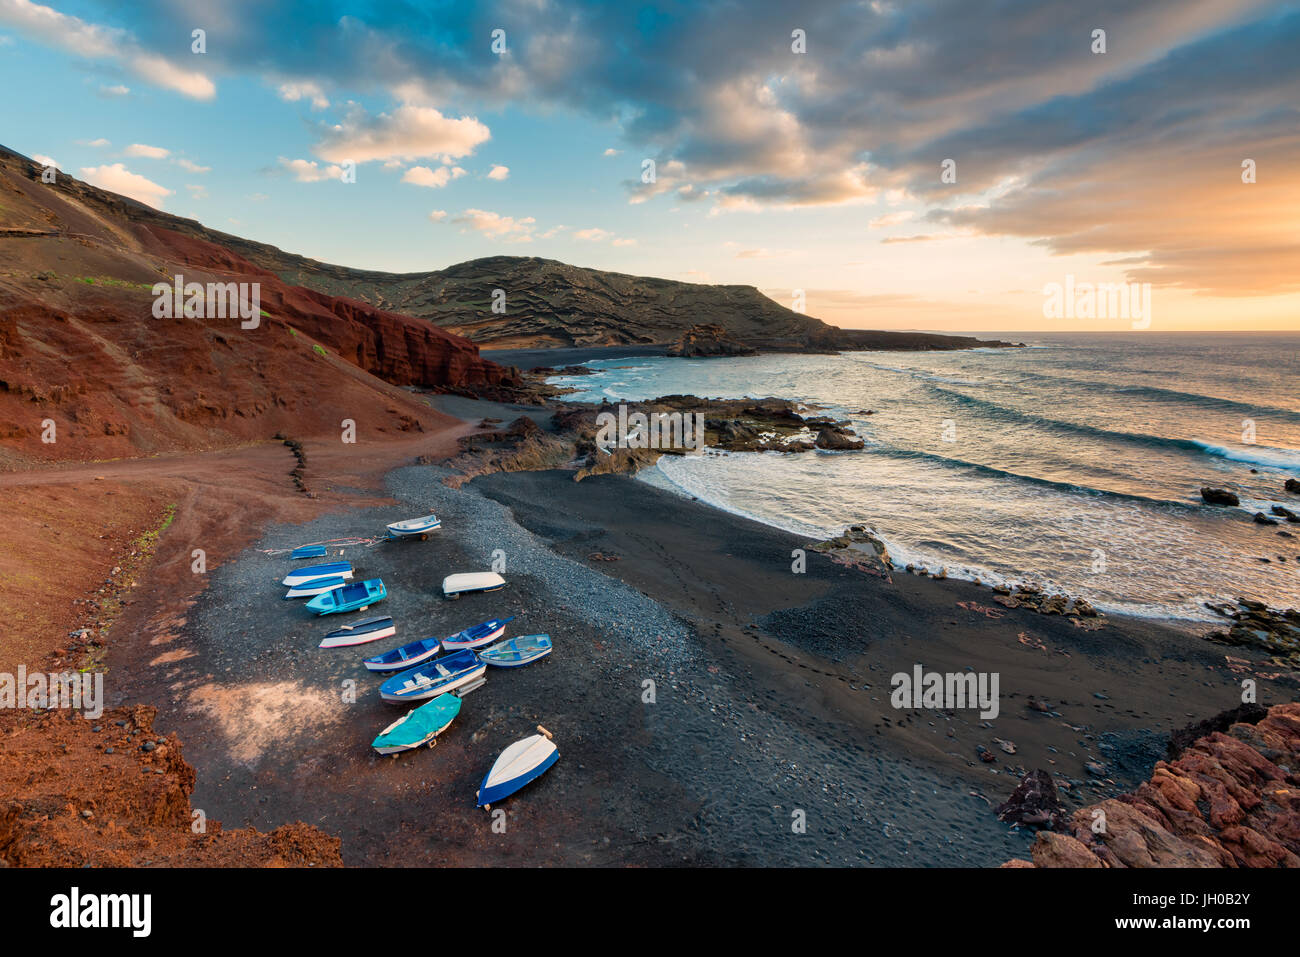 Plage volcanique en El Golfo, Lanzarote, îles Canaries, Espagne au coucher du soleil Photo Stock